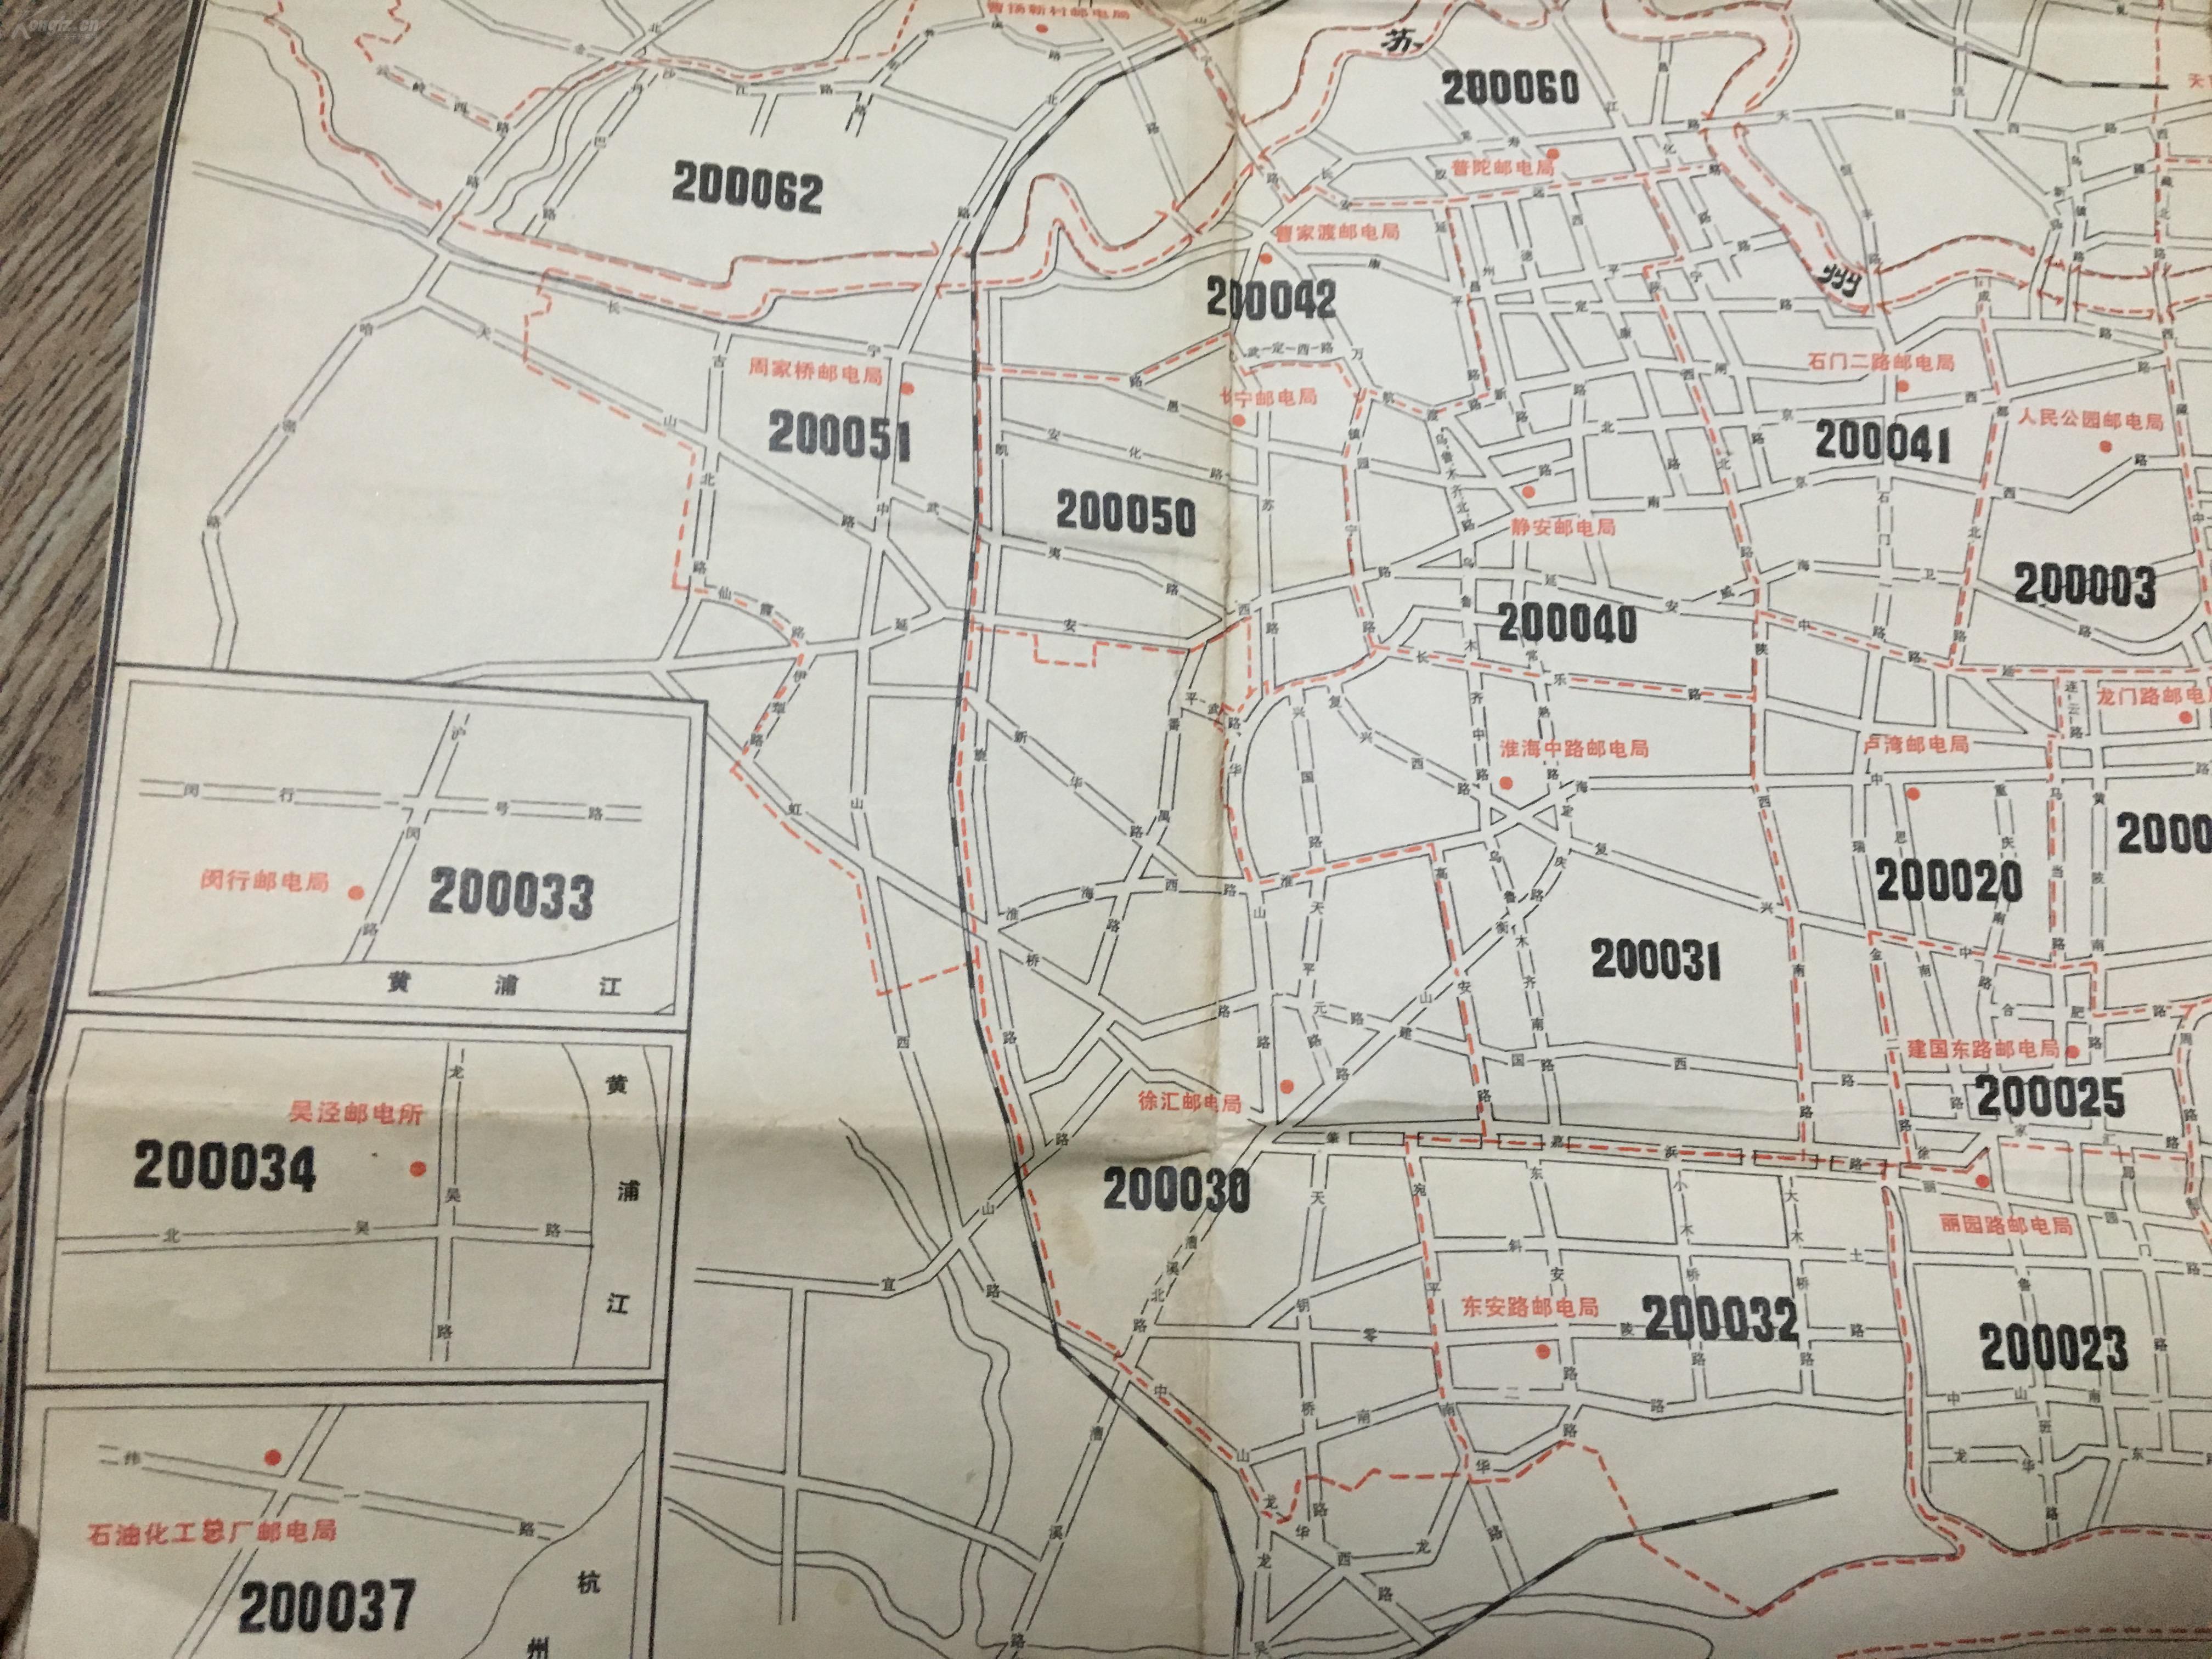 1978年上海市市区 郊区 邮政编码示意图 正反印刷